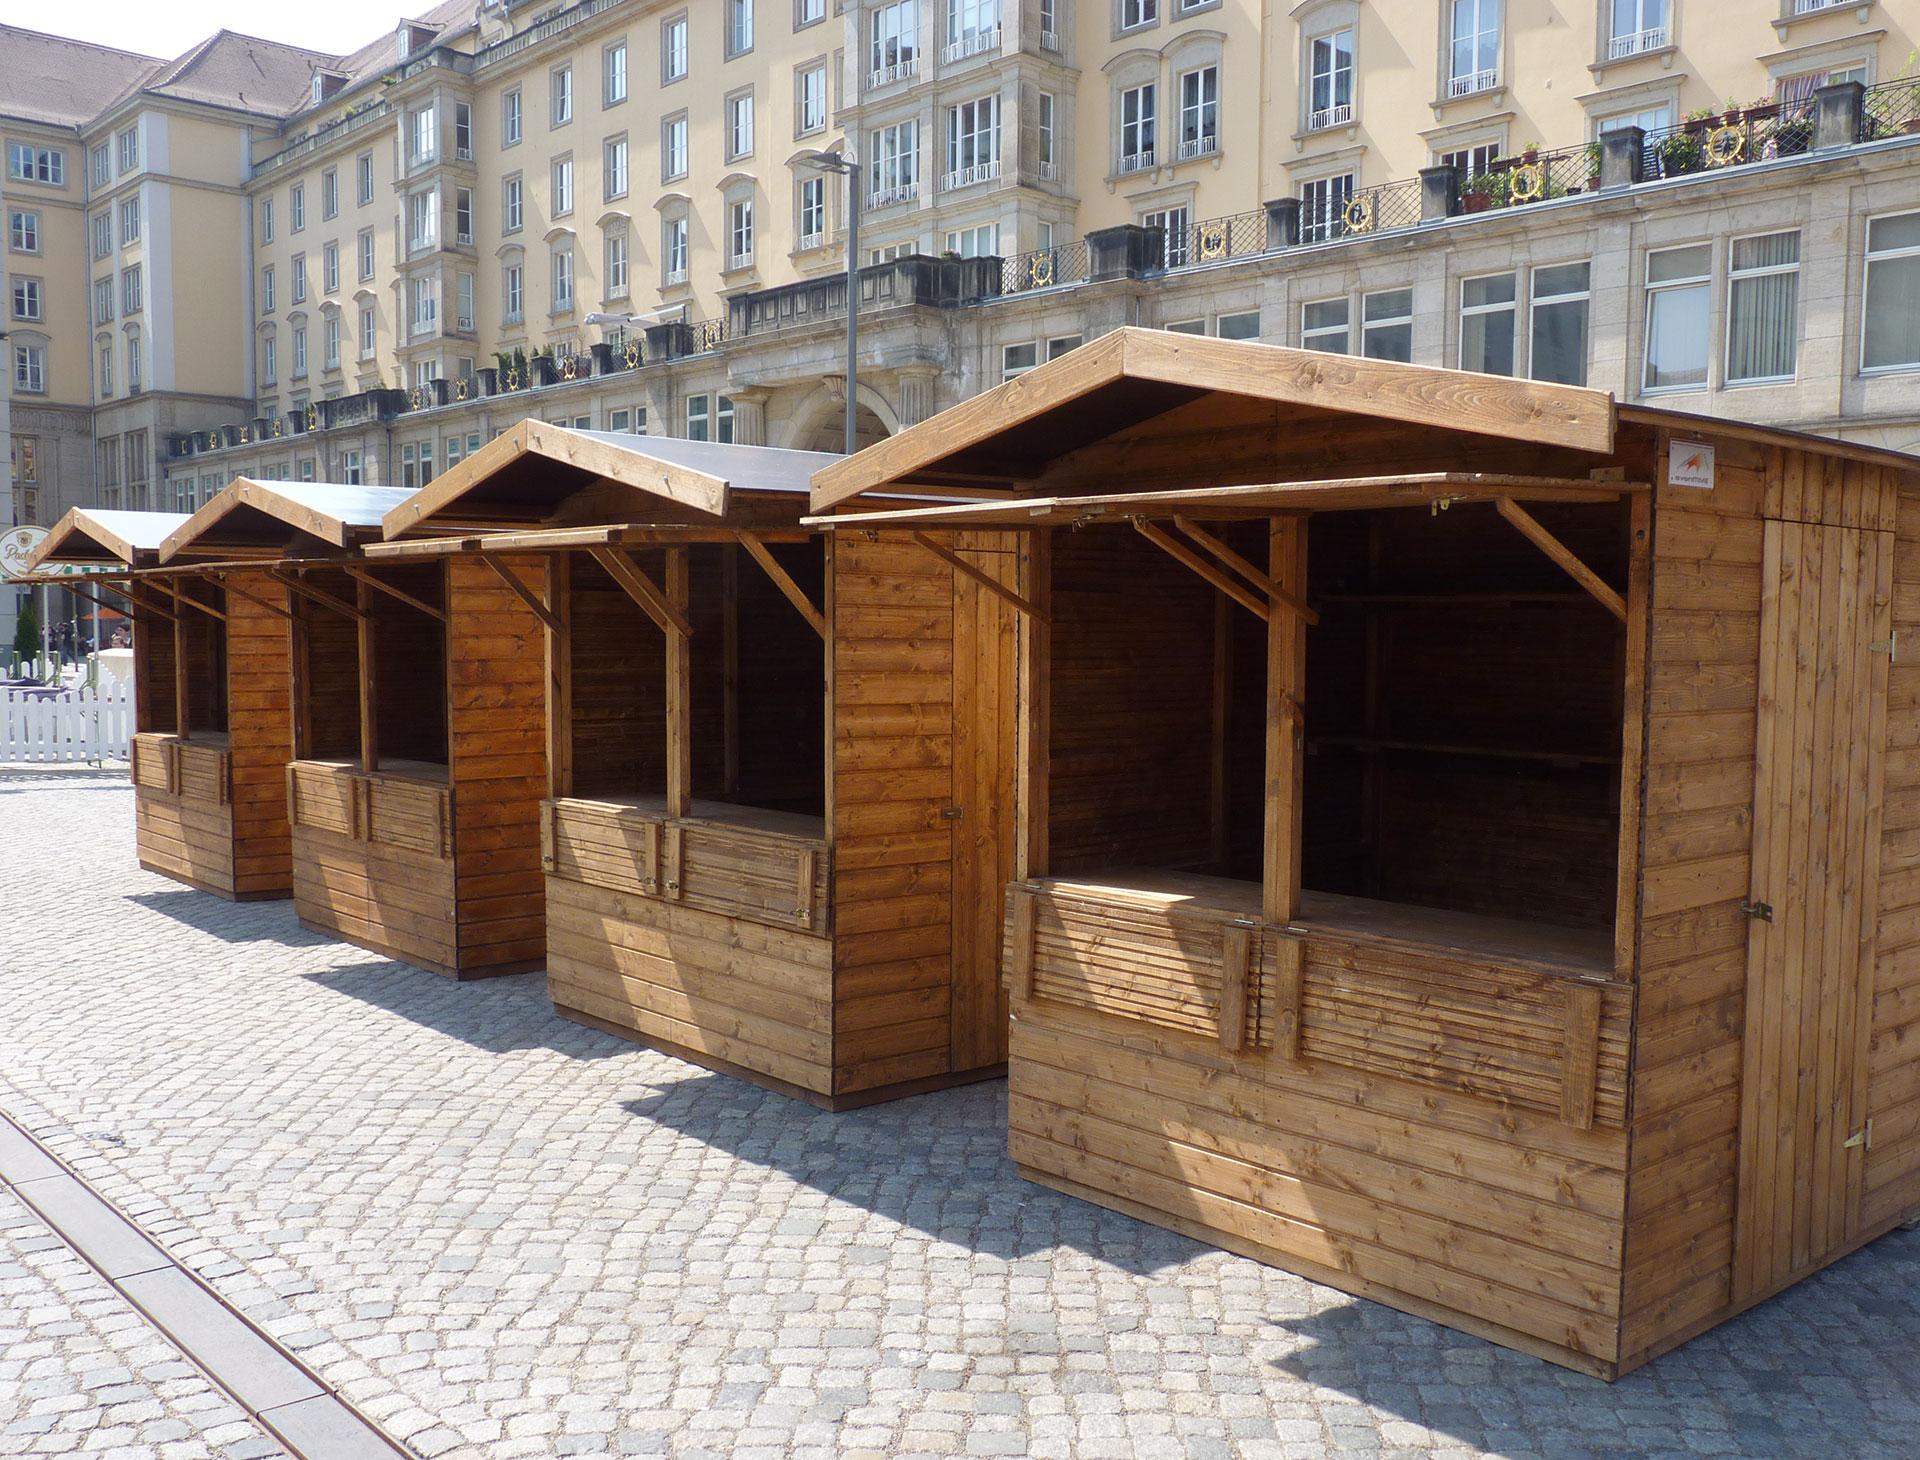 Vermietung Markthütten